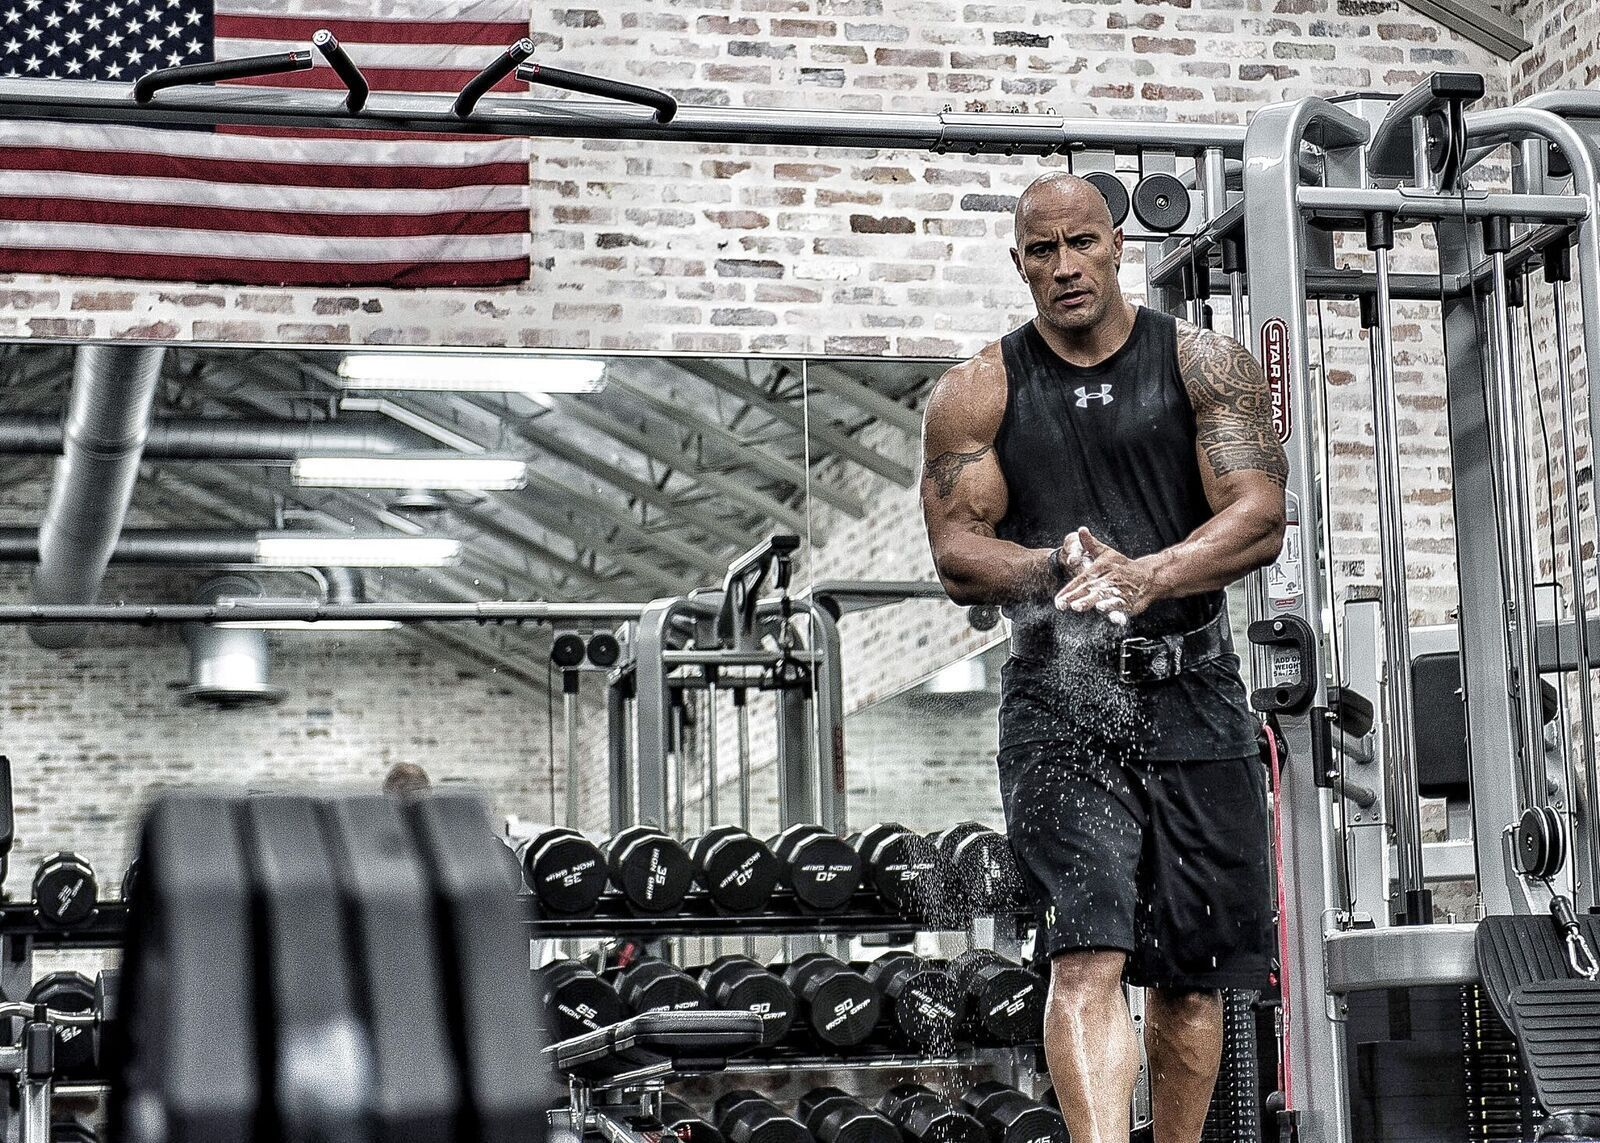 Hd Wallpaper Gym Workout